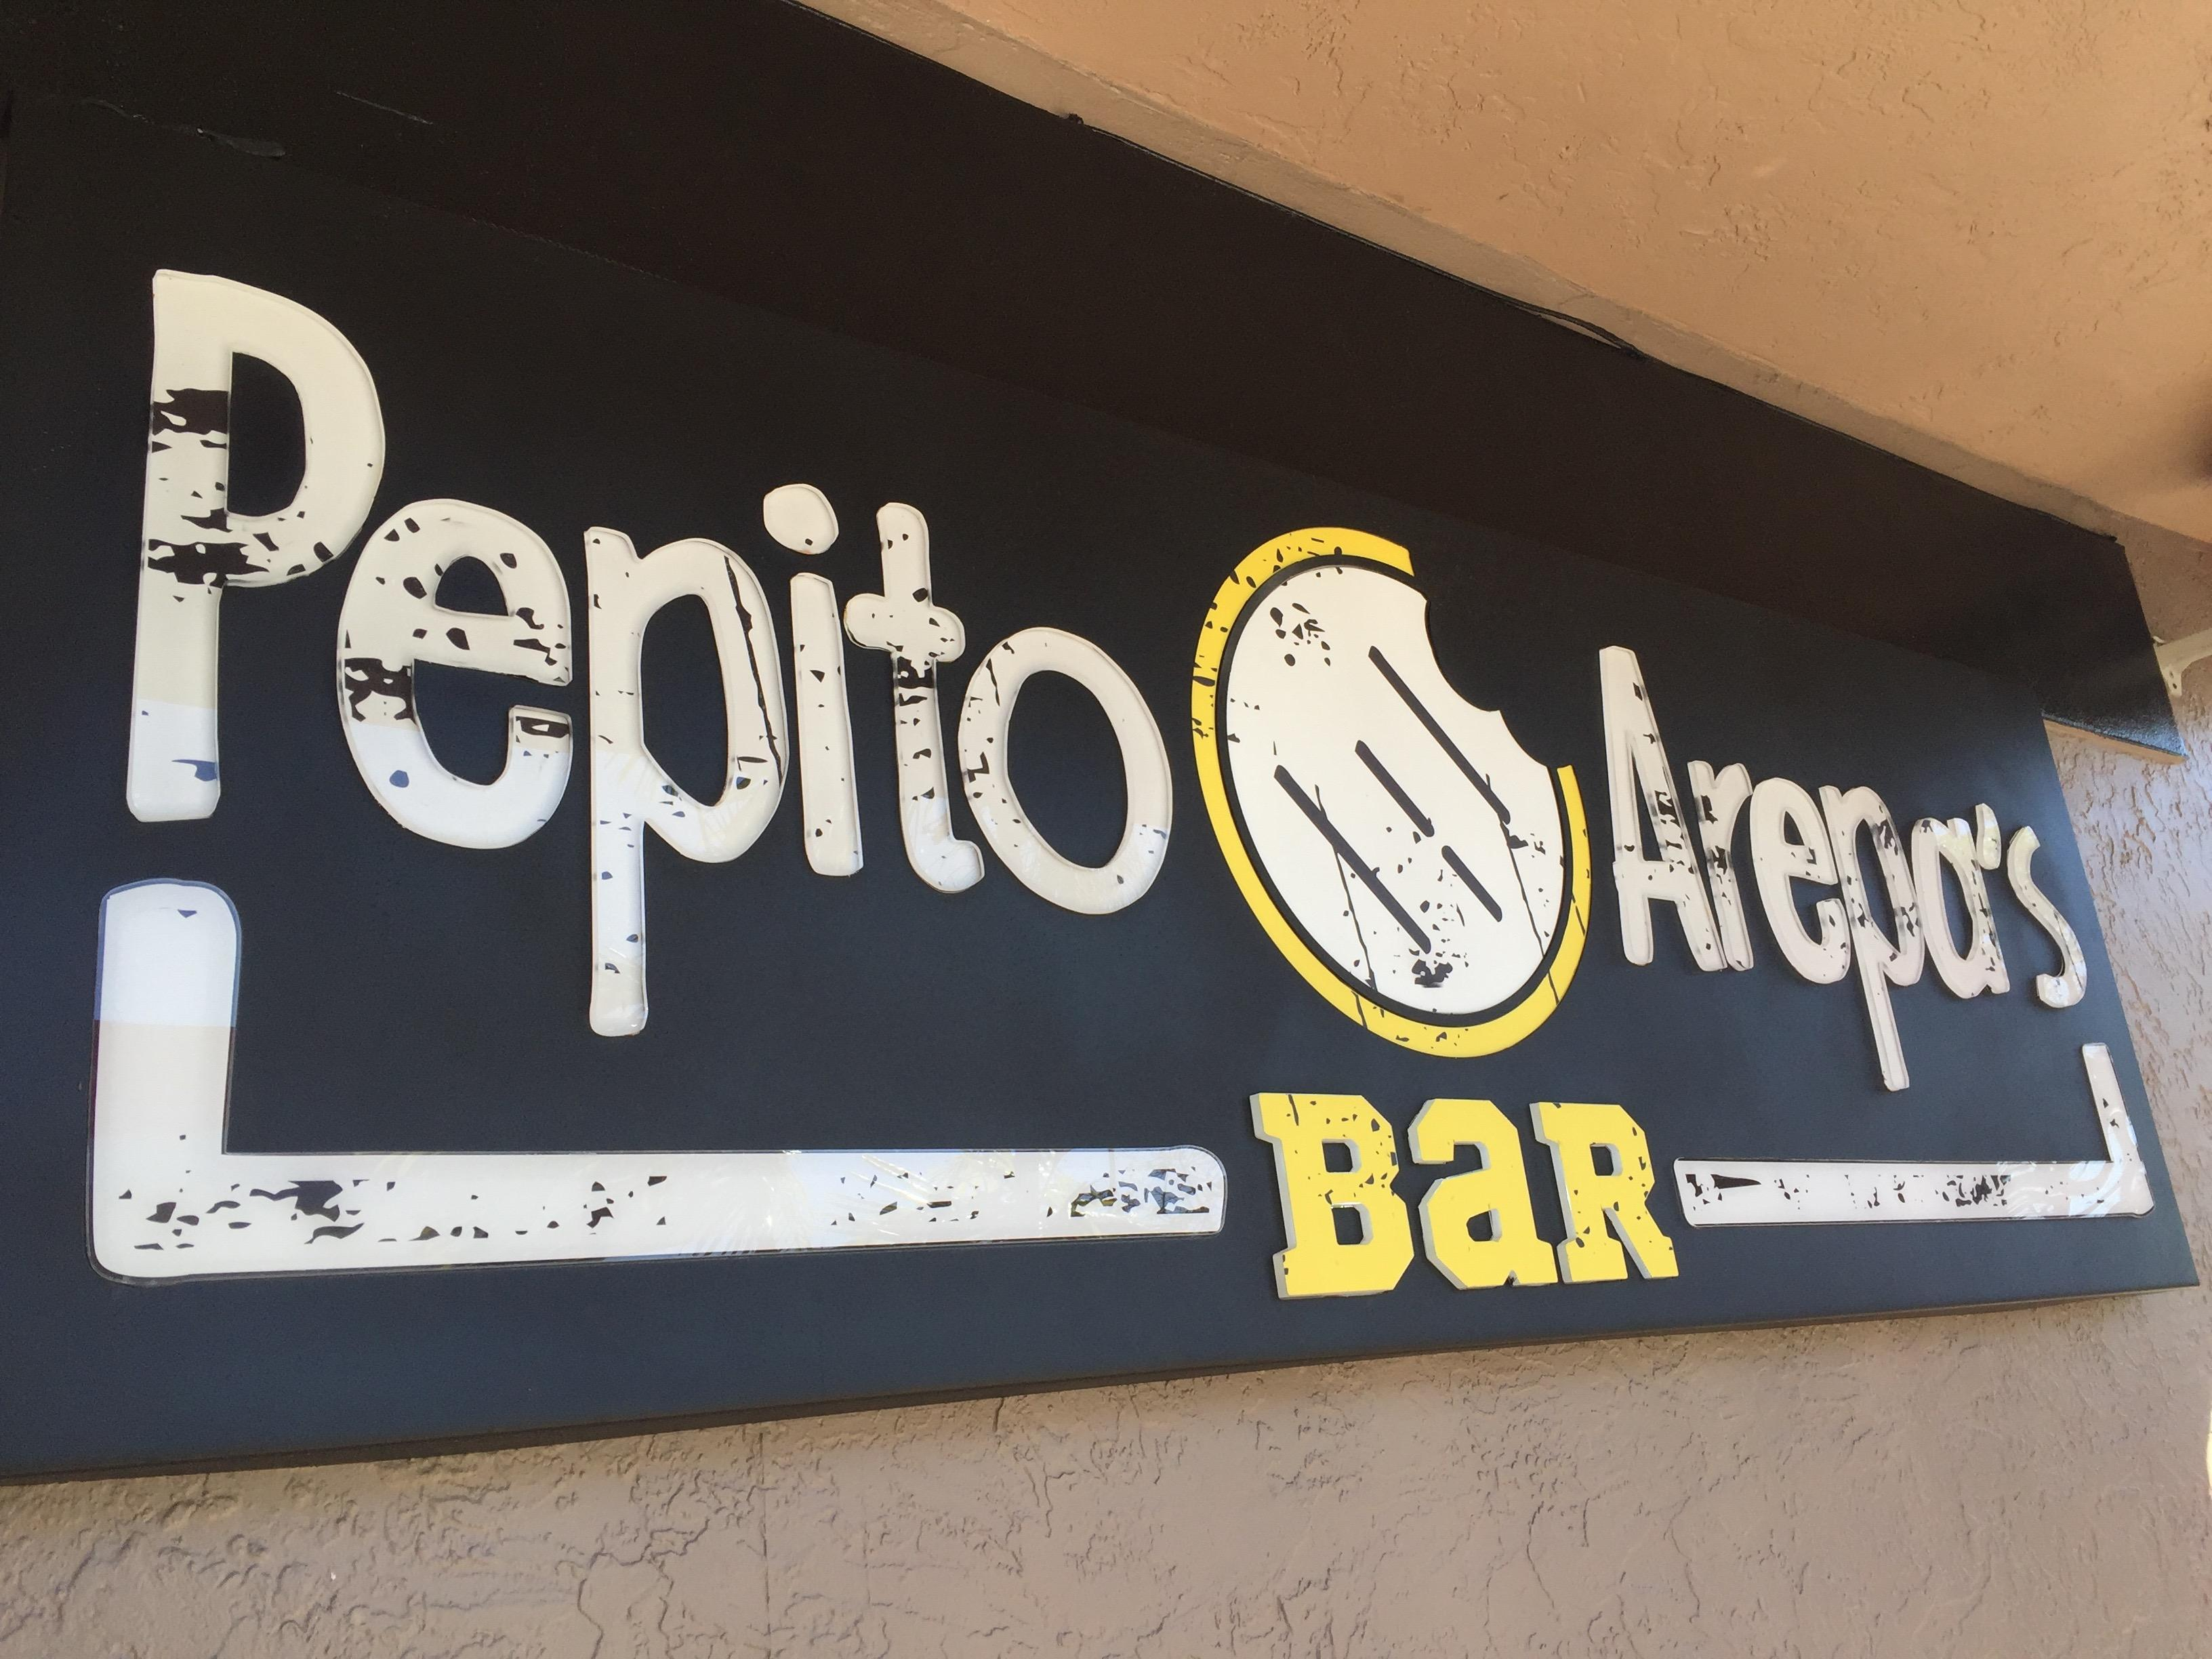 Pepito's Arepas Bar image 1